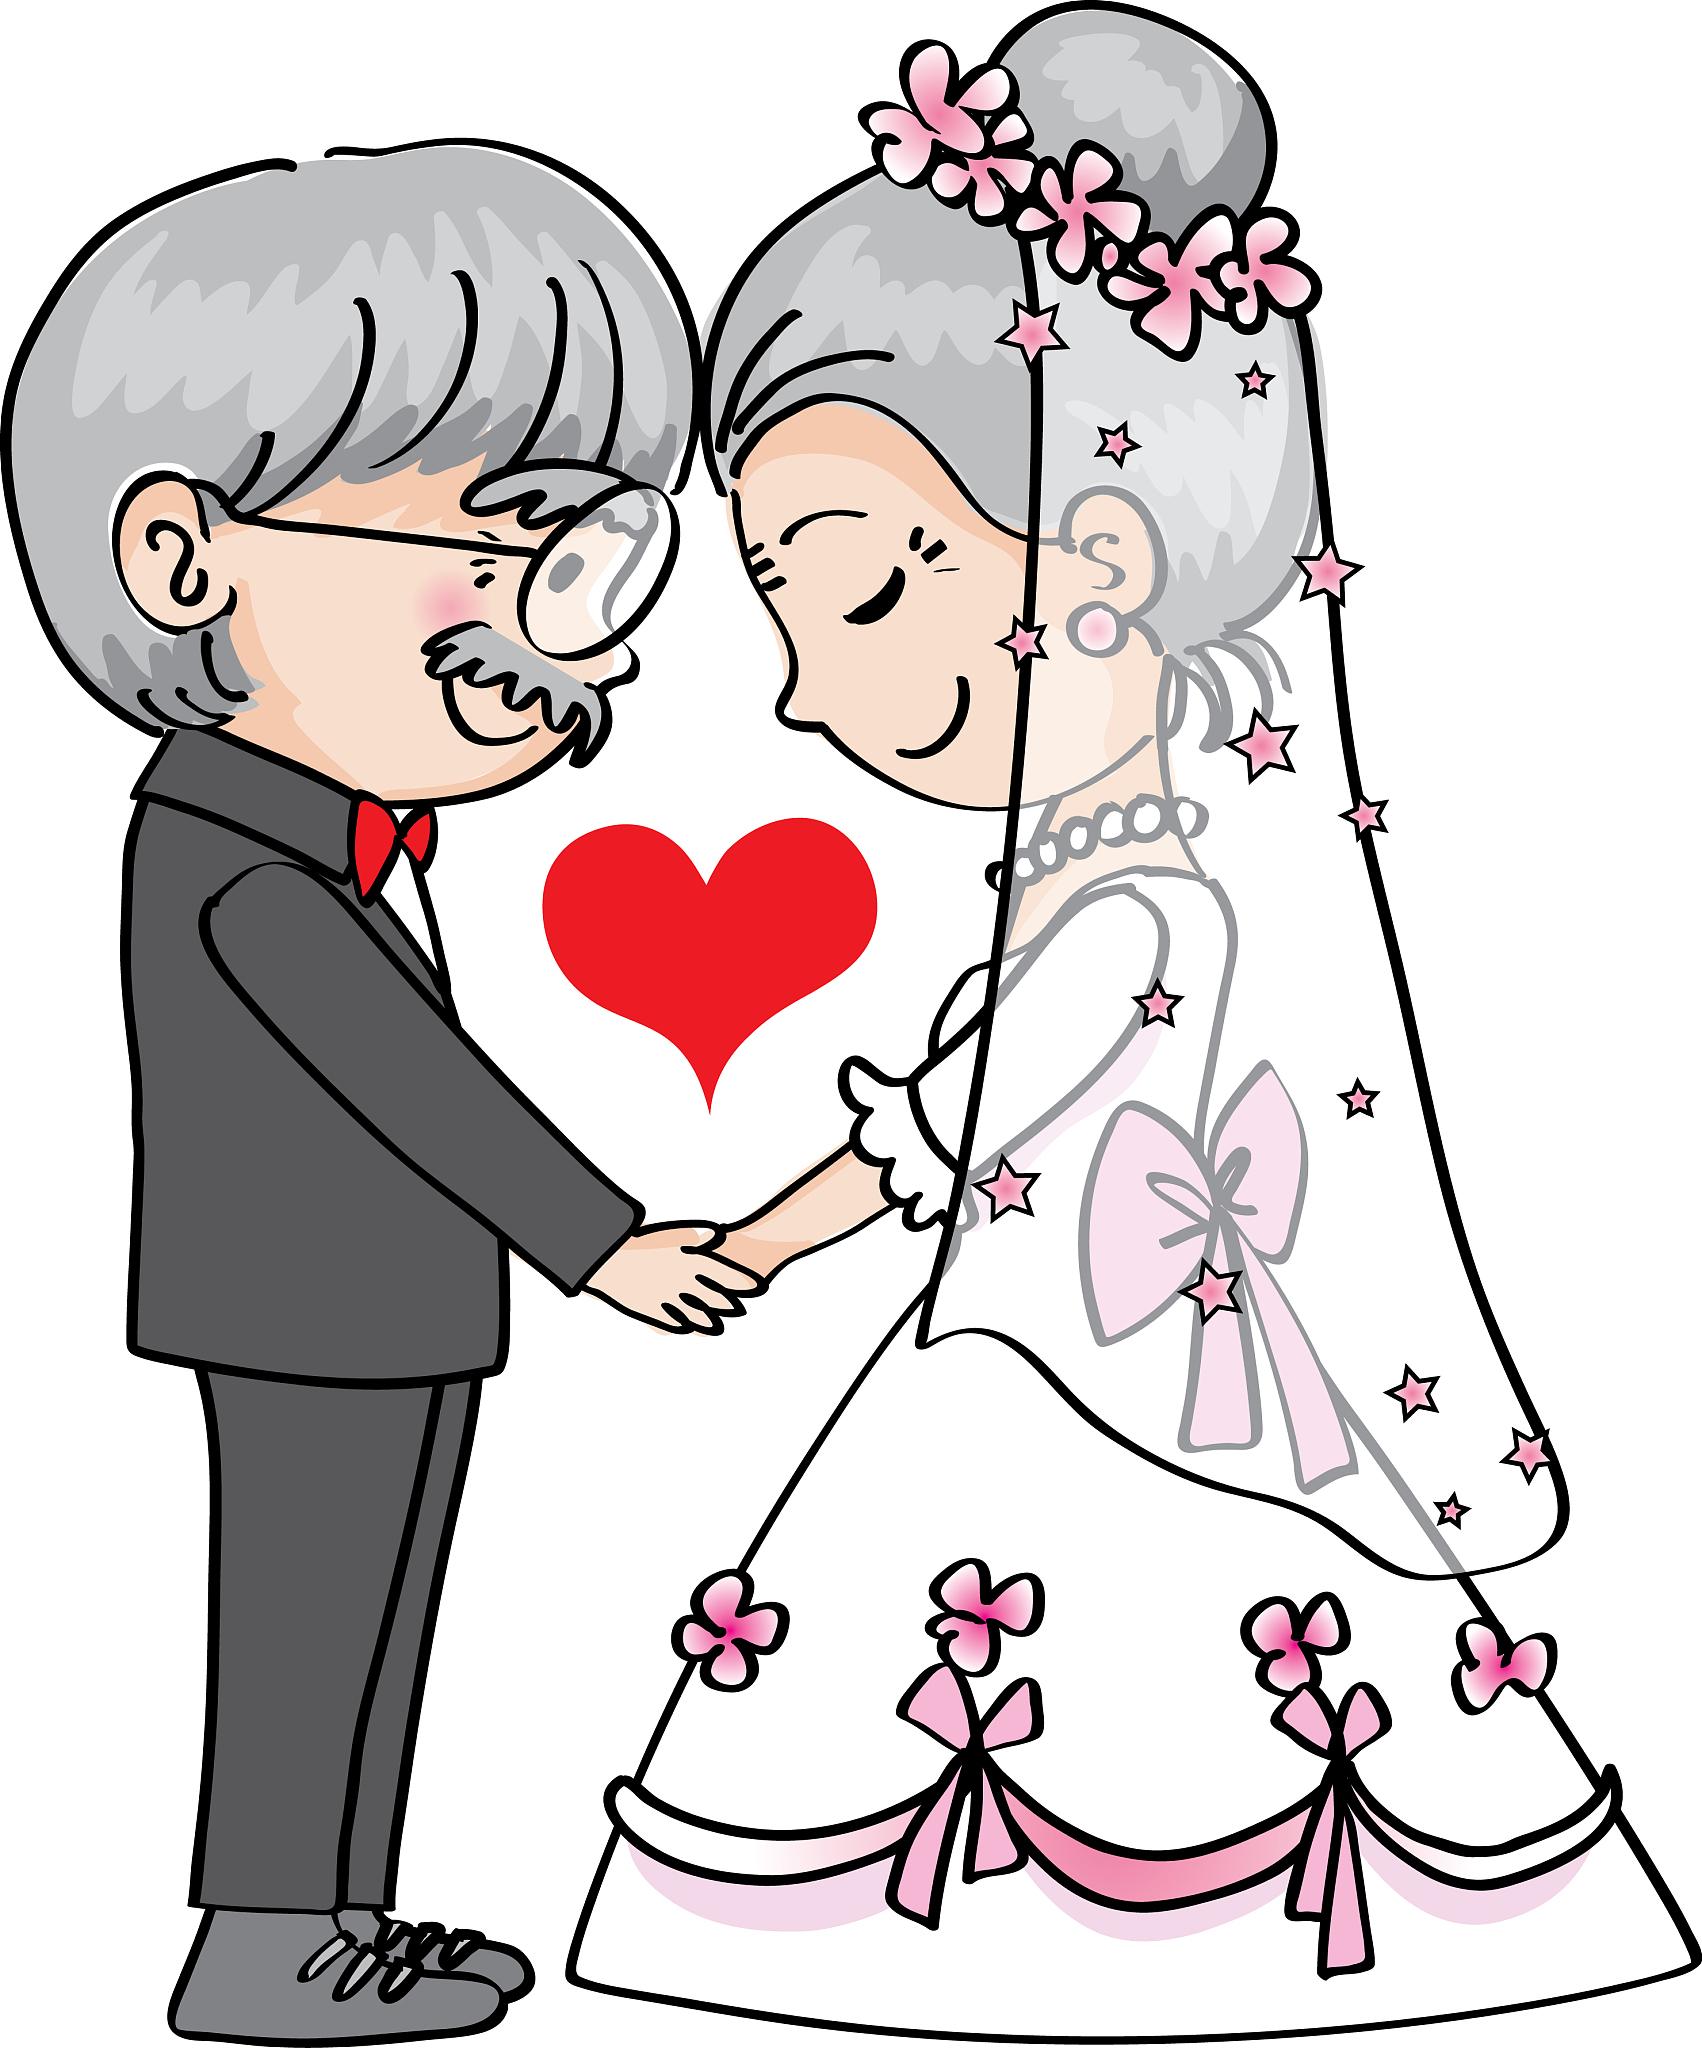 婚姻八字不合能结婚吗 八字不合婚姻肯定不好吗